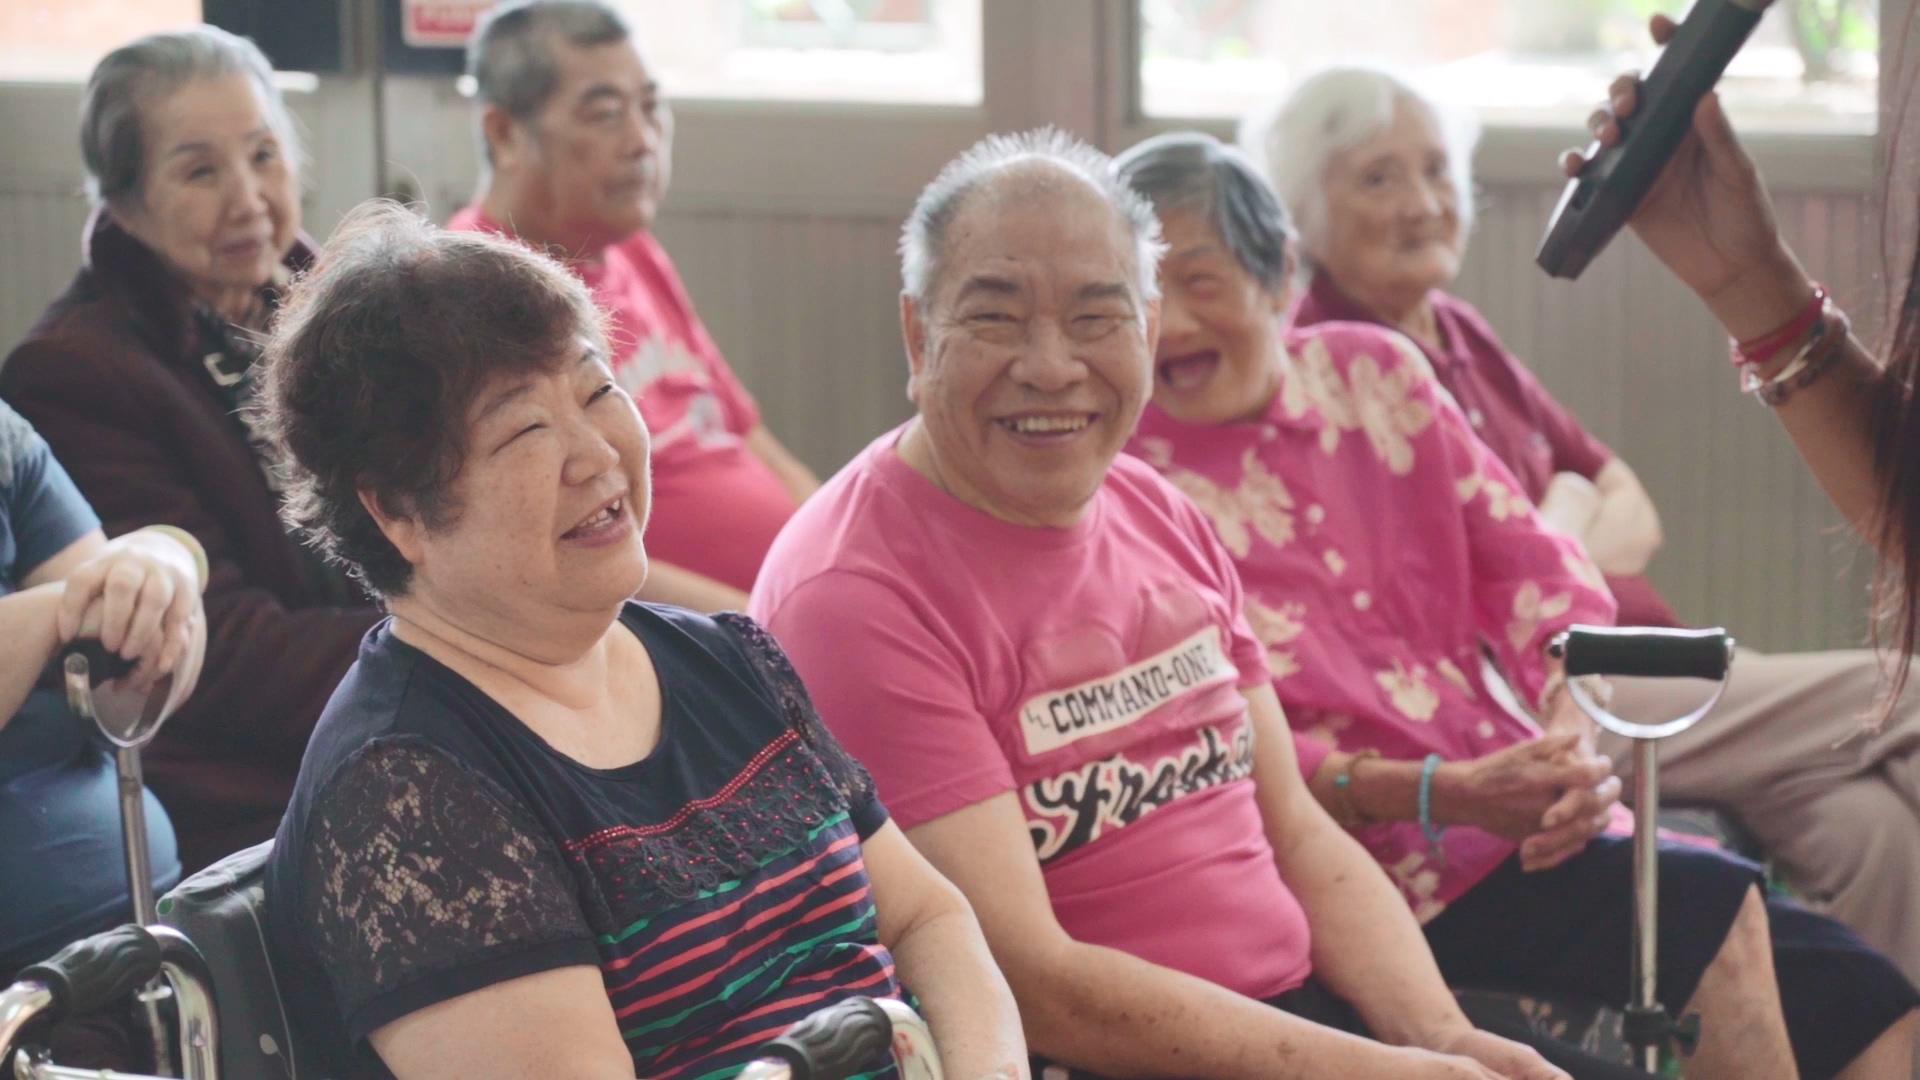 住在基隆恆安的長輩正參加活動,同時能賺取恆安幣點數,活動逗得長輩笑開懷